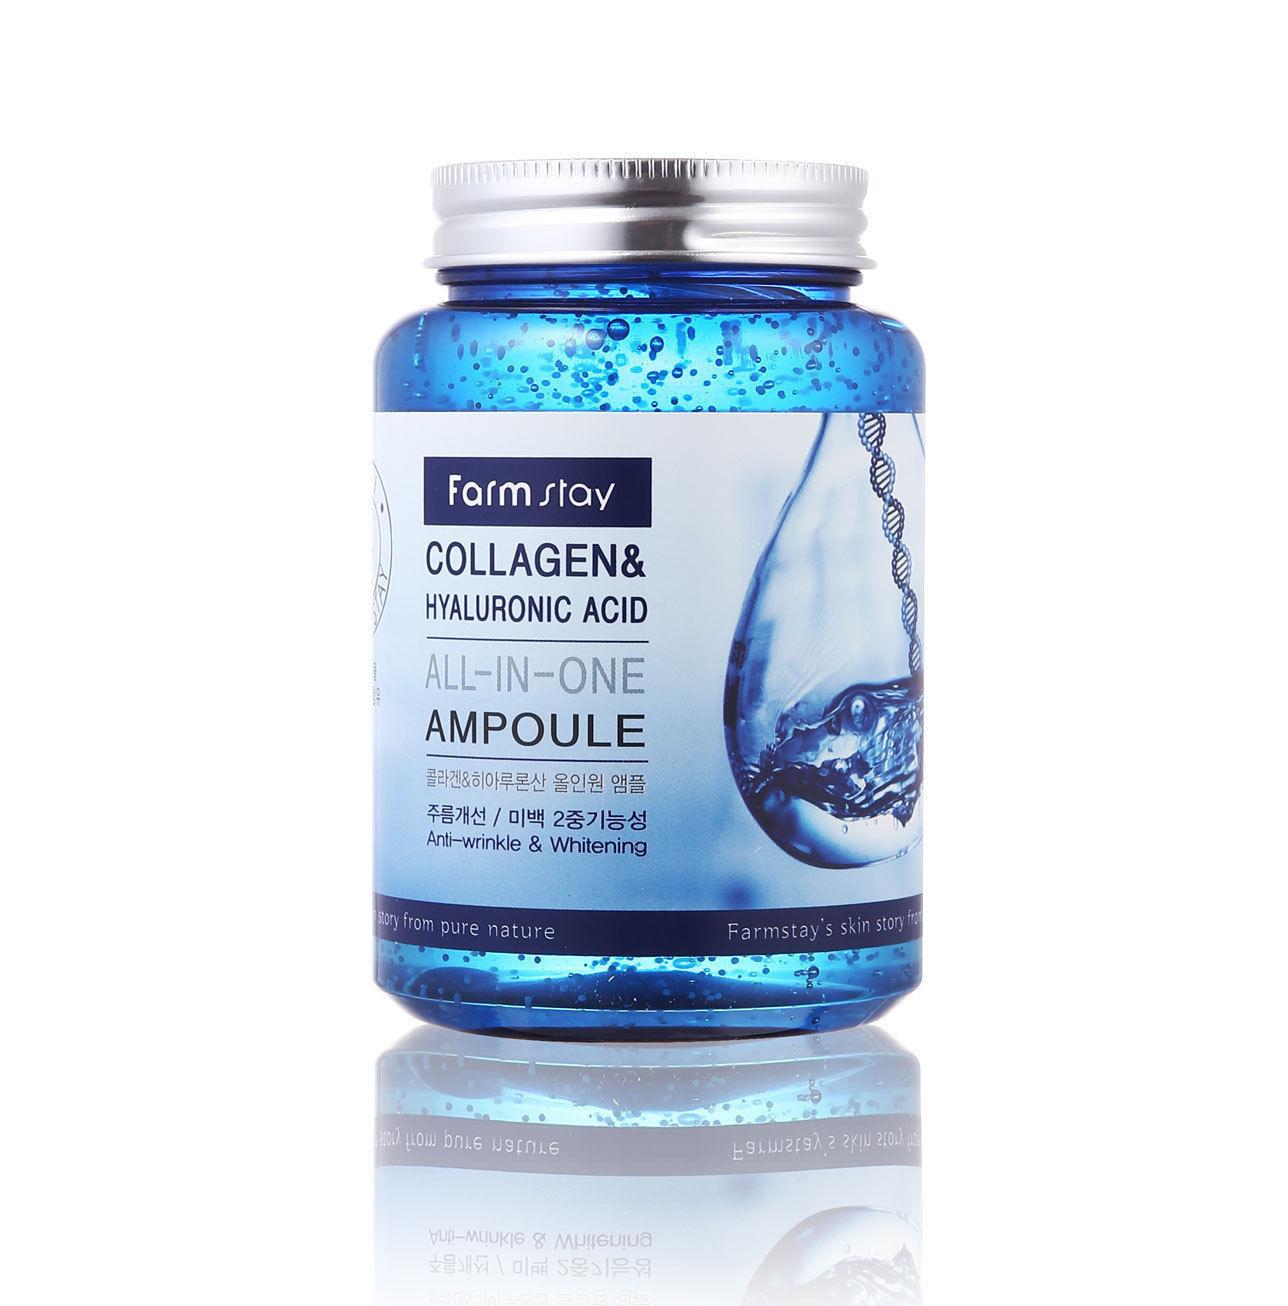 Farmstay All-In-One Ampoule Collagen & Hyaluronic Acid